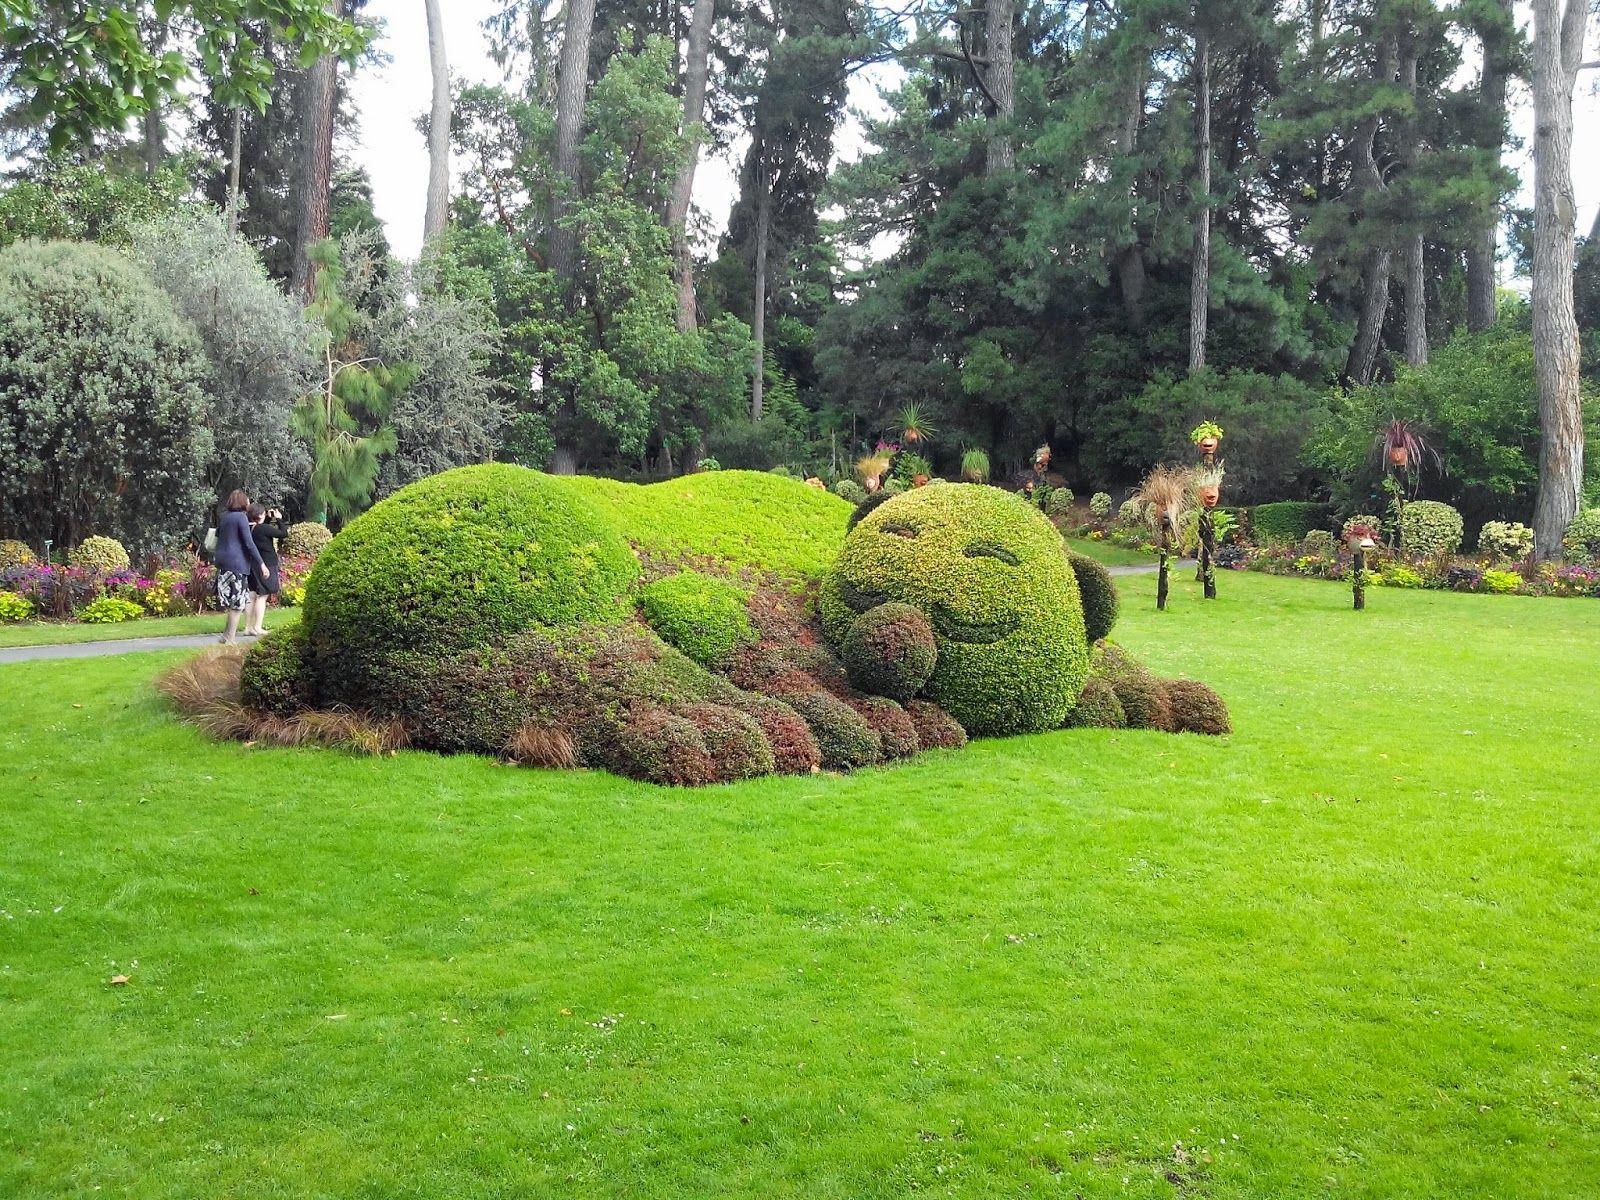 Jardin Des Plantes Nantes Poussin   Nantes Des Grillages Viendront ...